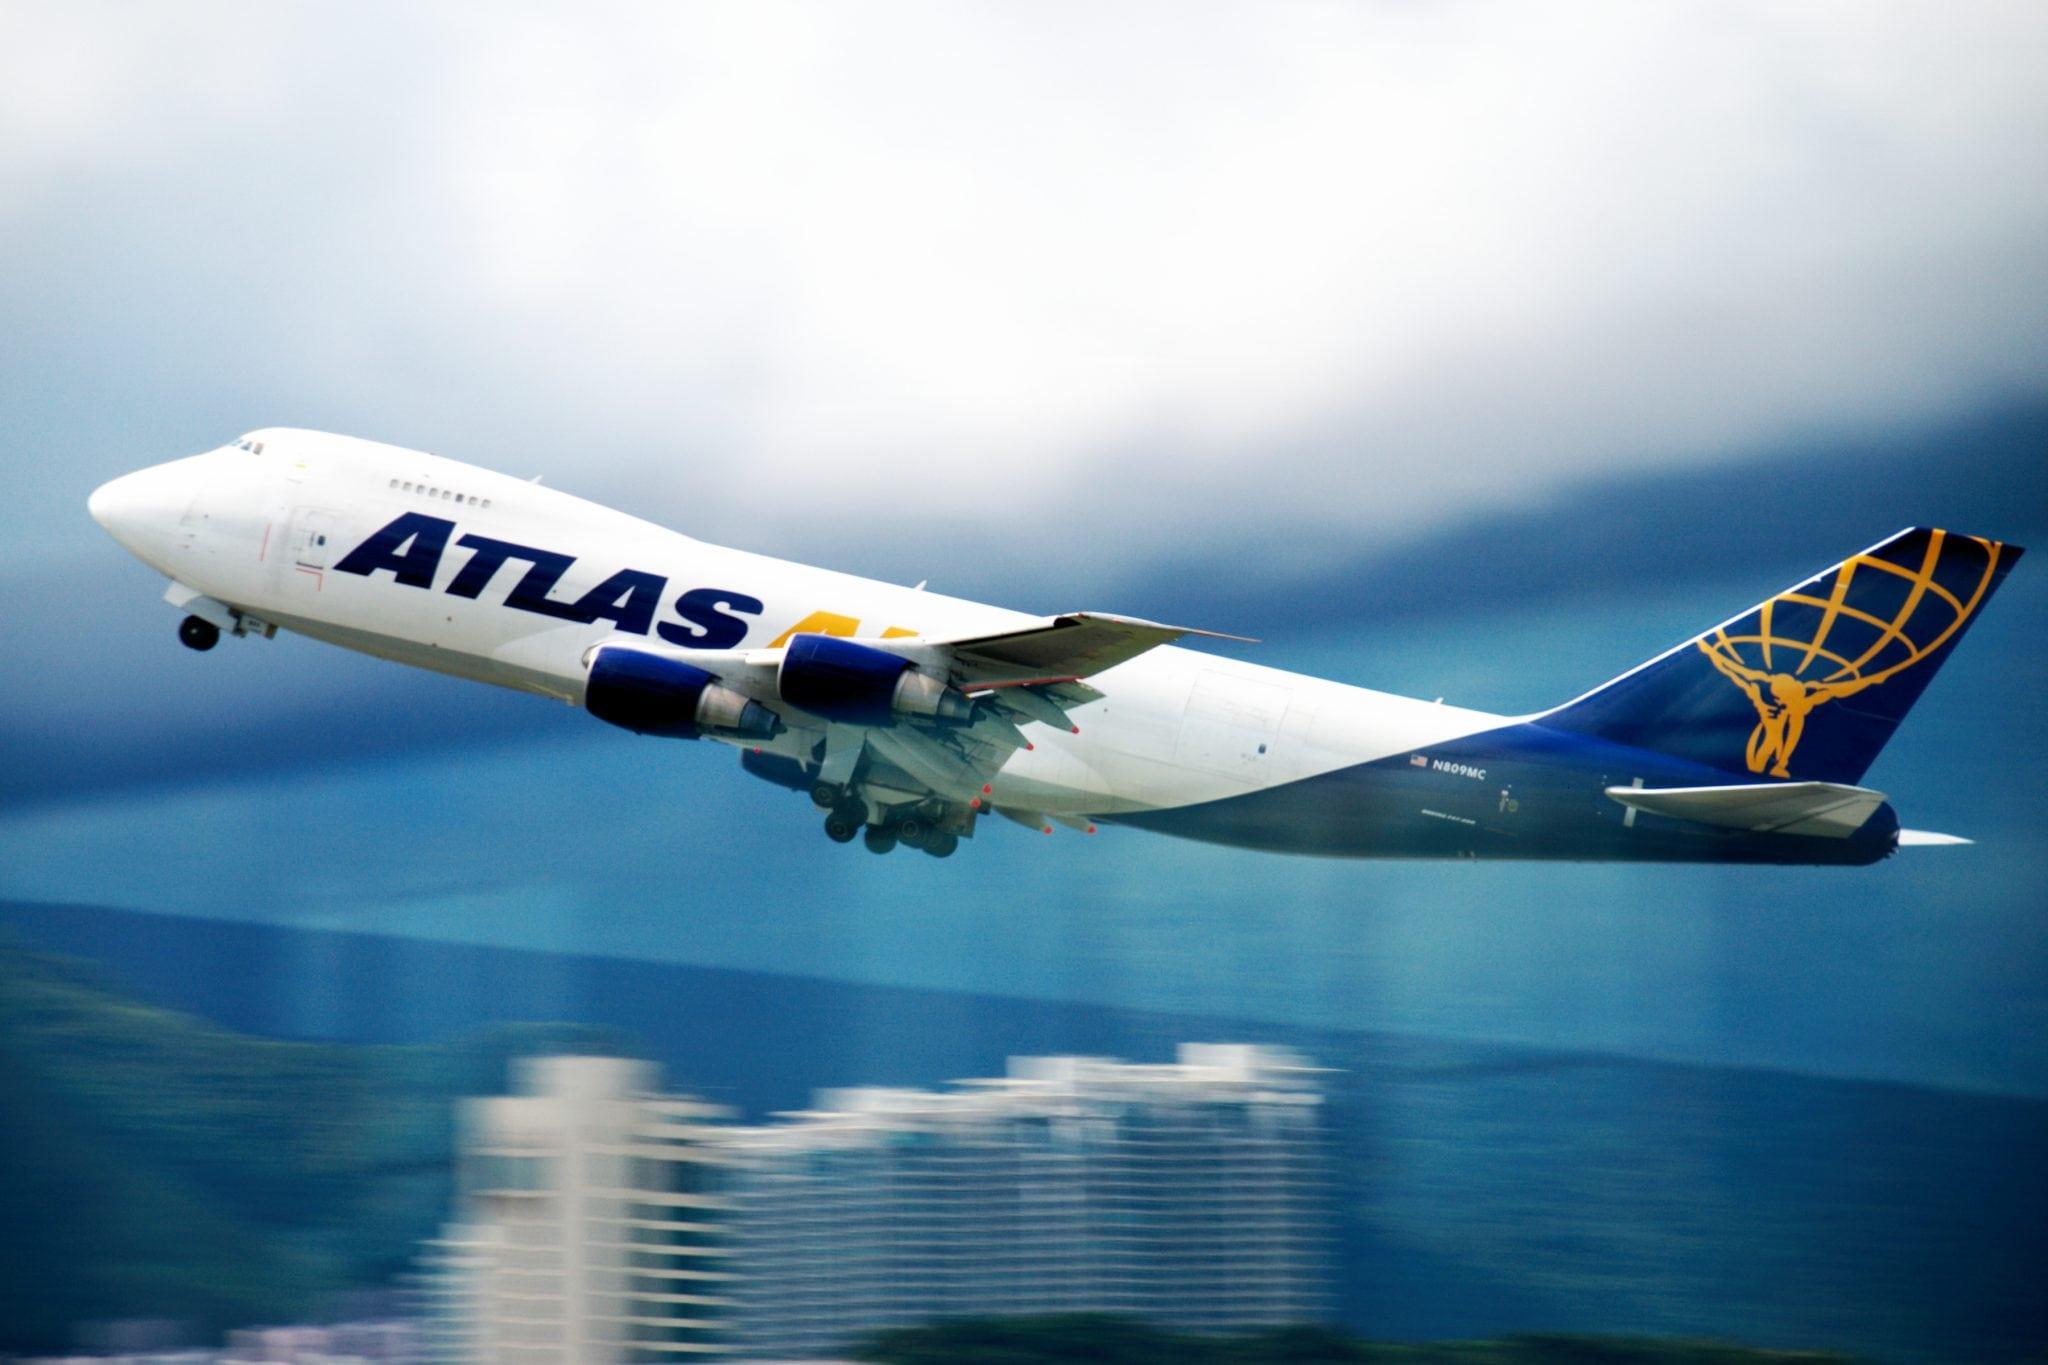 An Atlas Air flight